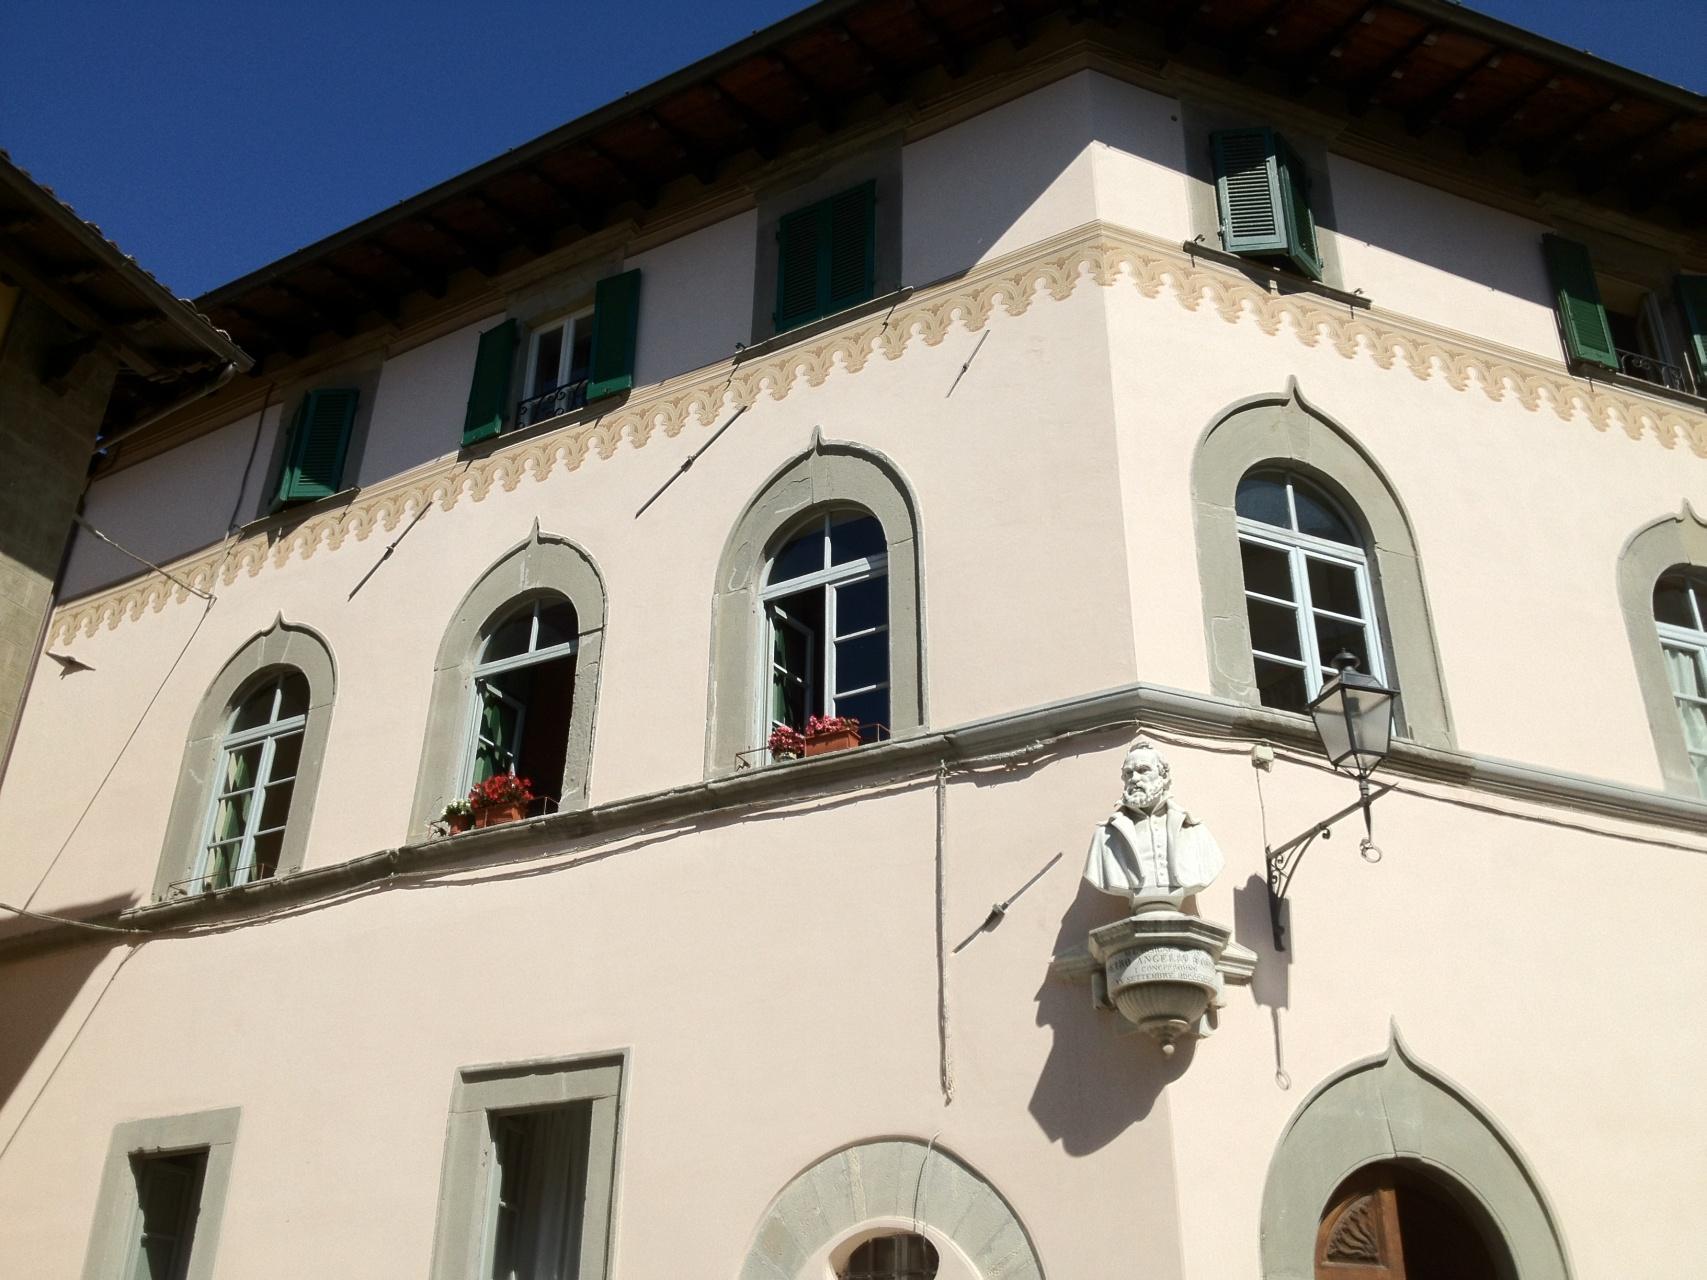 foto Piano nobile in un palazzo storico di Barga